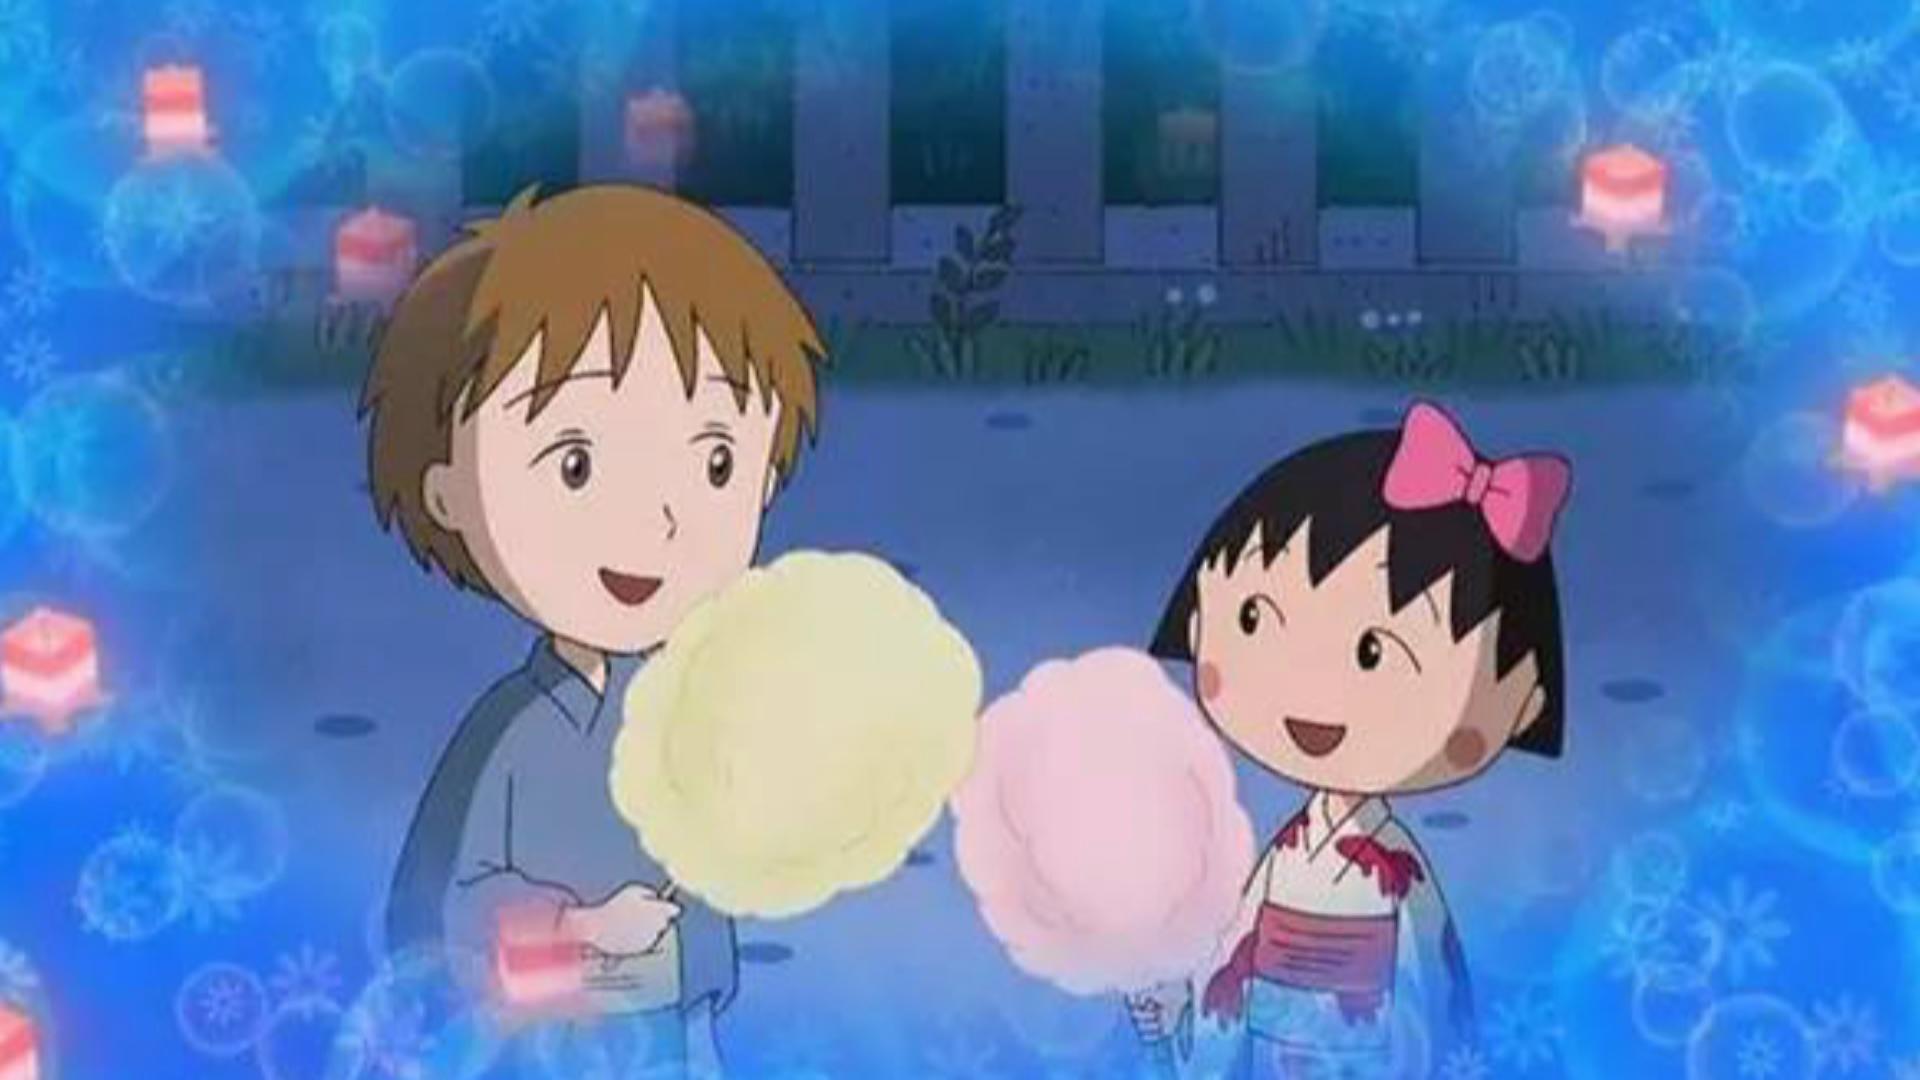 《樱桃小丸子:来自意大利的少年》:是花香依旧